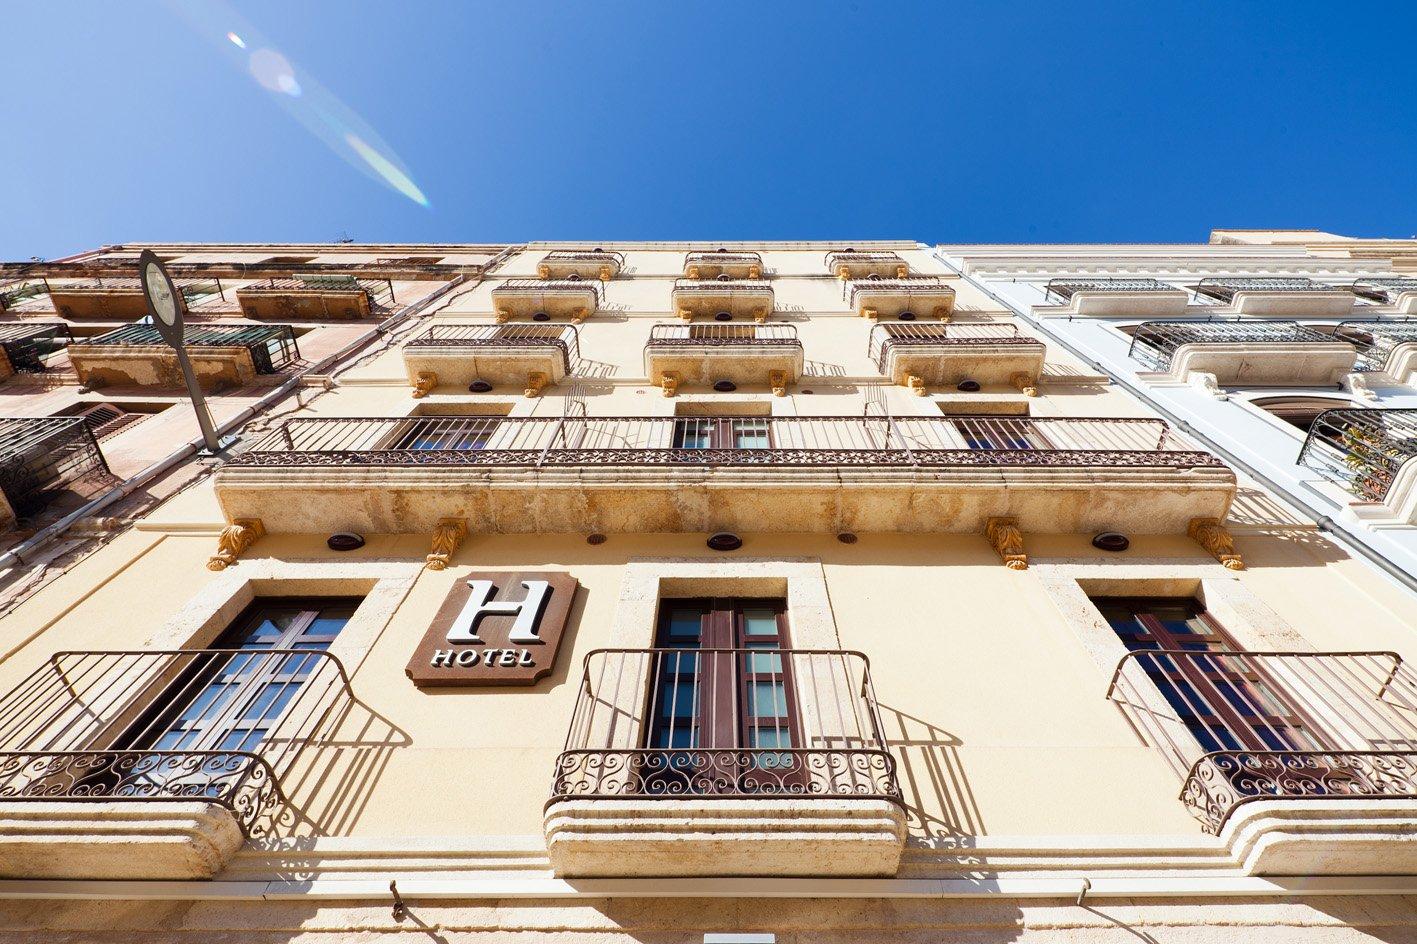 hotel_la_fontnombre_del_documento_18-2ac4be01ebcc5853f2fd408e2a9dc470